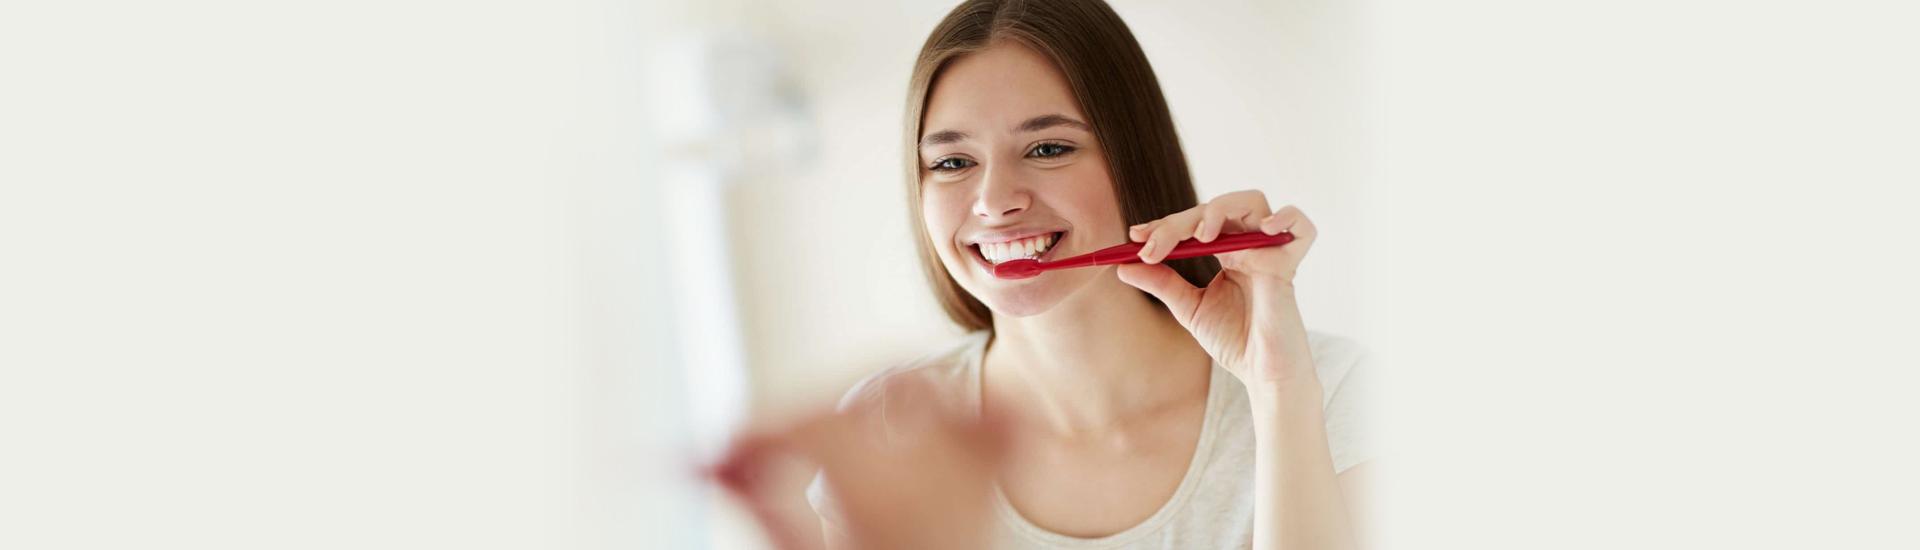 How Often Should I Brush My Teeth?